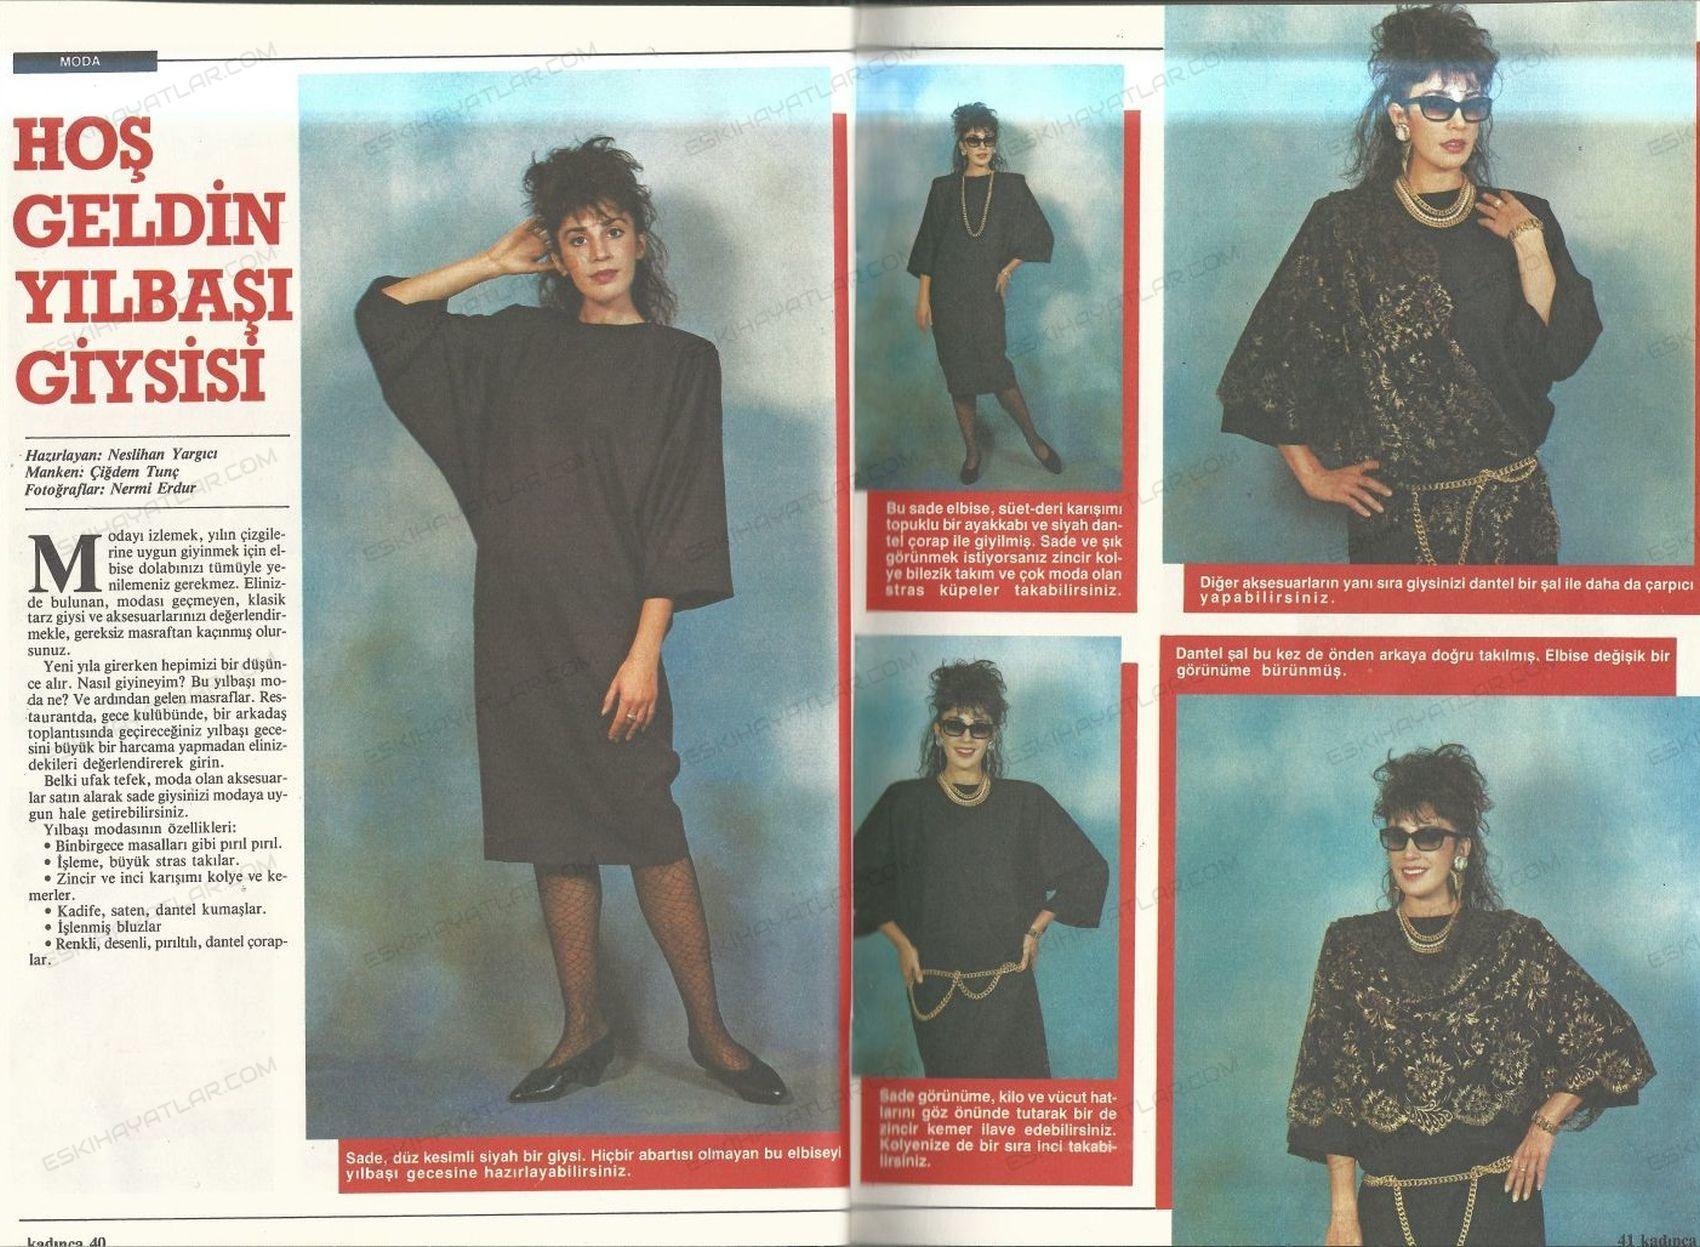 0125-nermi-erdur-kimdir-cigdem-tunc-gencligi-seksenlerde-kadin-giyim-yilbasi-kiyafetleri-1985-yili-kadinca-dergisi-fotograflari-neslihan-yargici-tasarimlari (2)